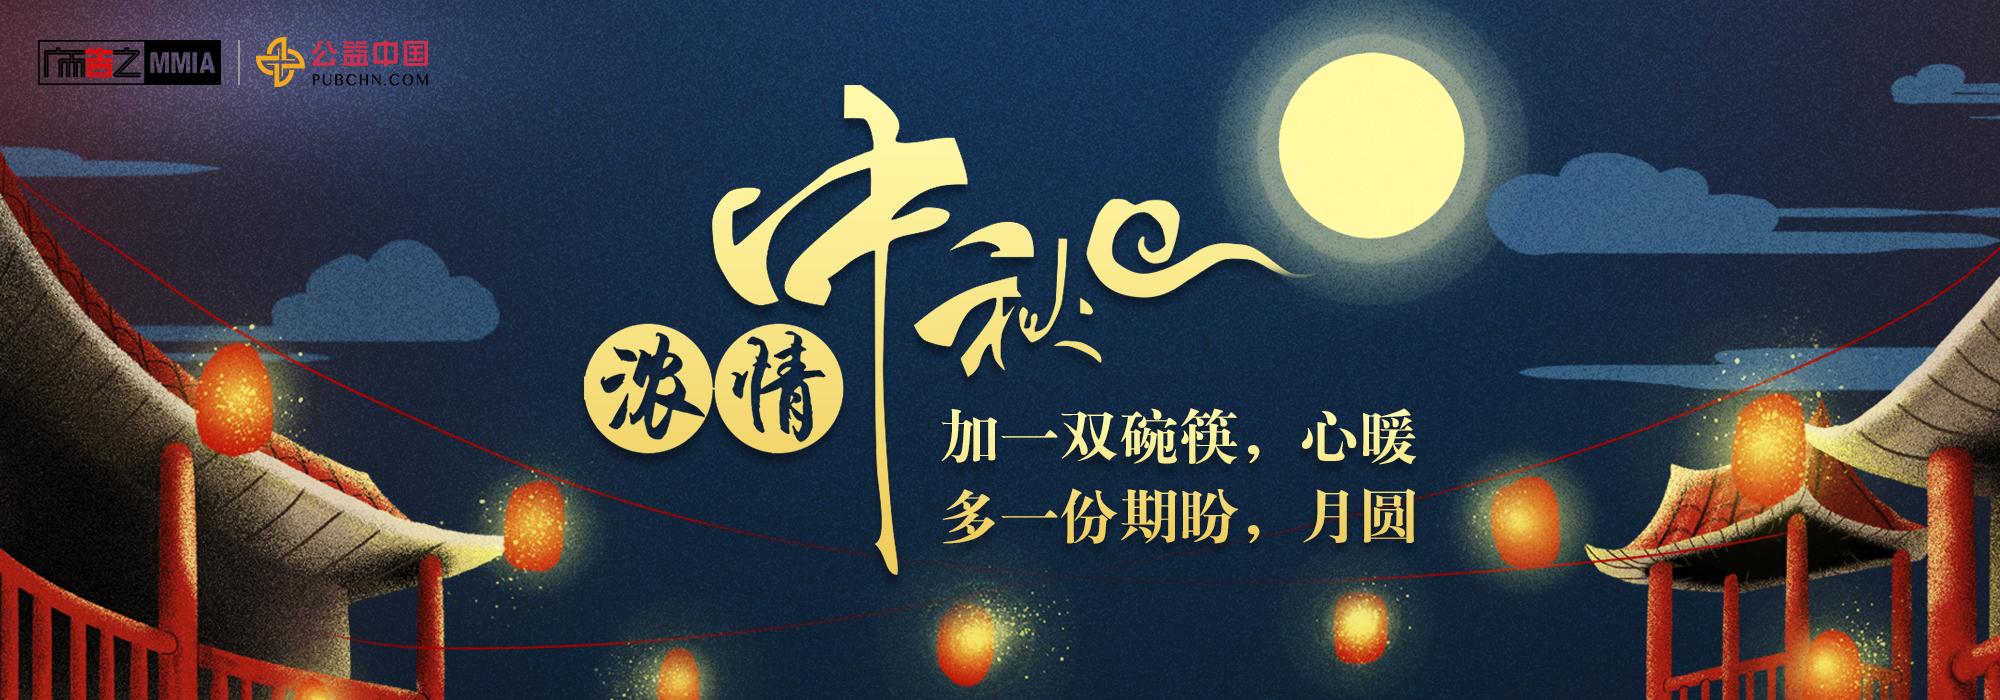 加一双碗筷,心暖;多一份期盼,月圆